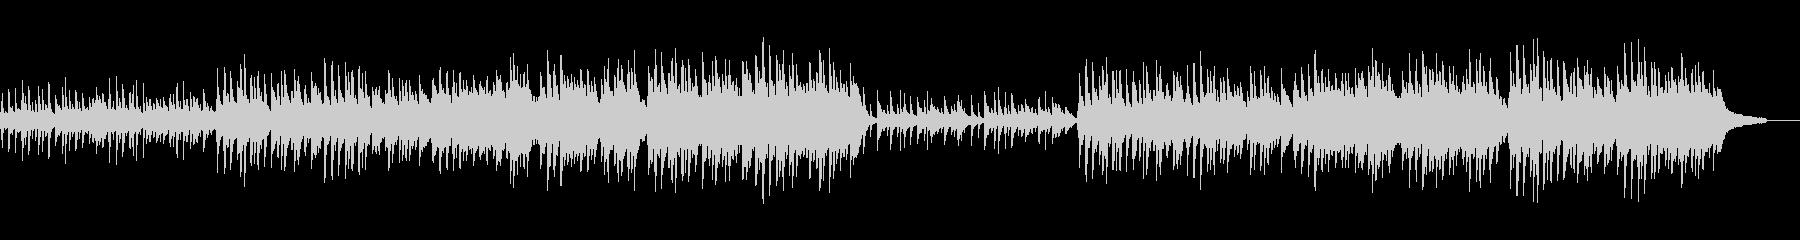 月明かりのピアノの未再生の波形